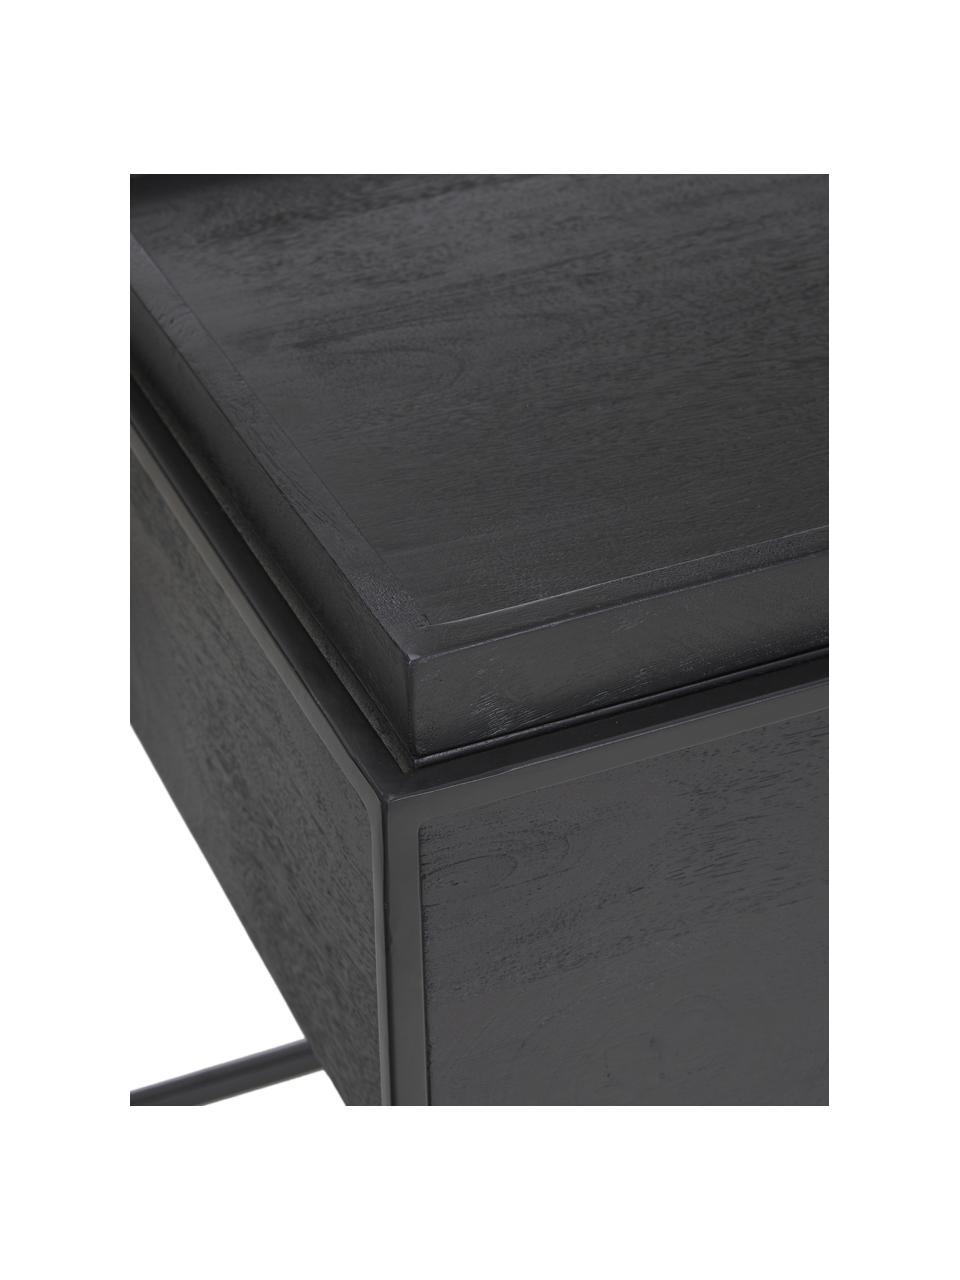 Stolik pomocniczy z miejscem do przechowywania Theo, Korpus: lite drewno mangowe, laki, Stelaż: metal malowany proszkowo, Korpus: drewno mangowe, czarny, lakierowany Rama: czarny, matowy, S 45 x W 50 cm